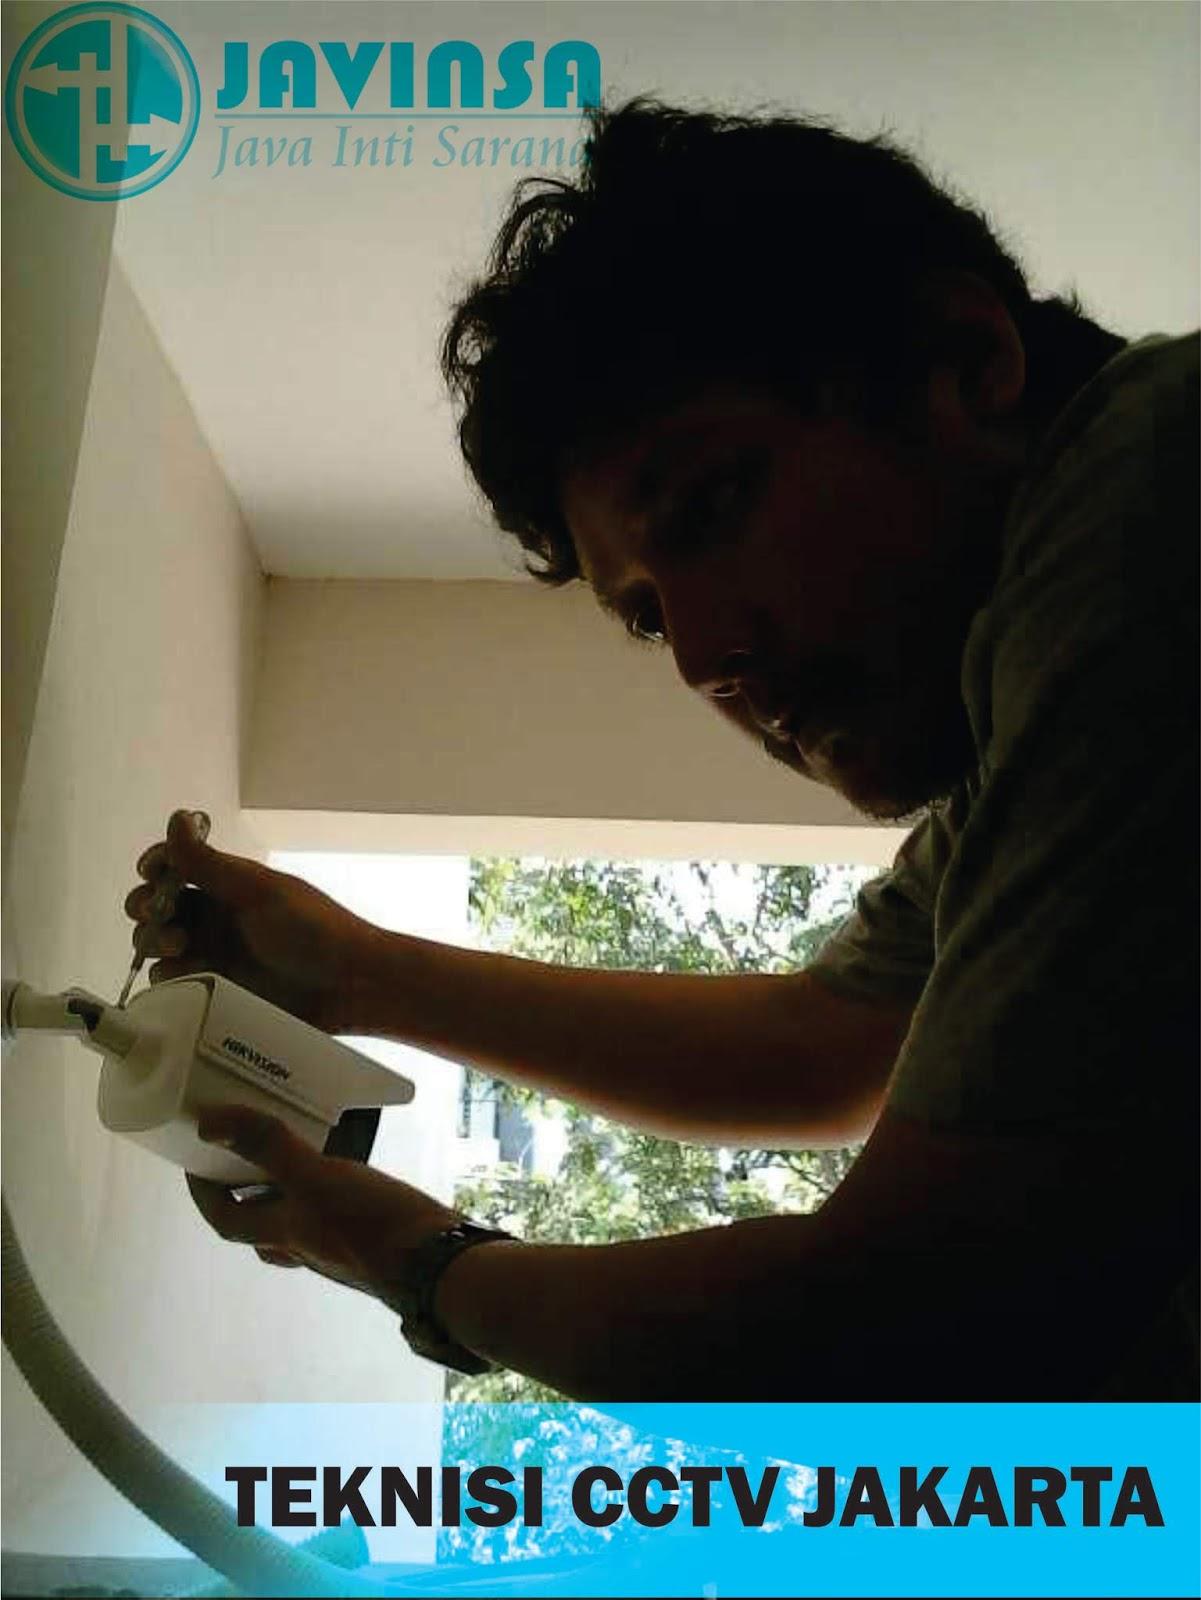 Teknisi CCTV Jakarta